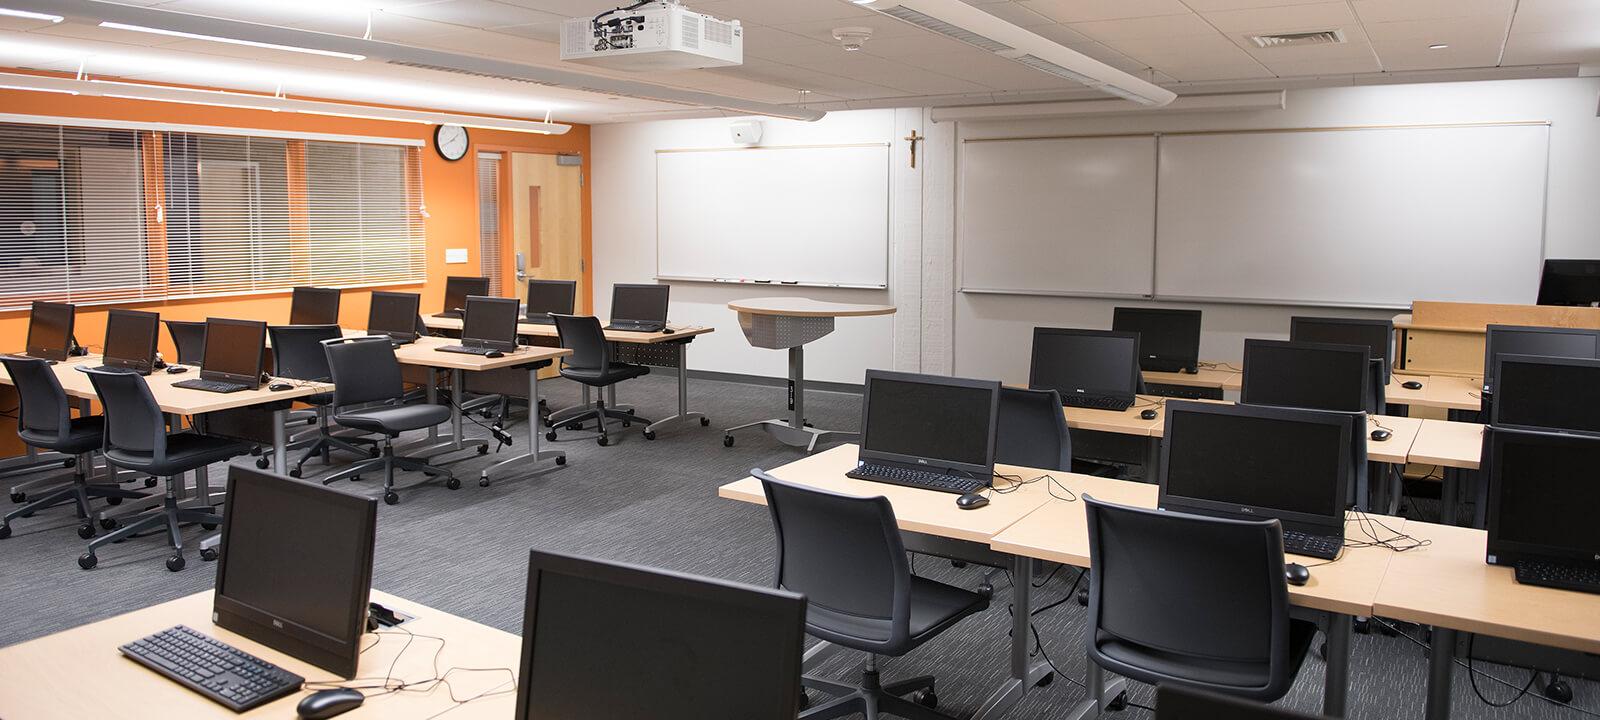 Monroe Hall, Room 319 Lab